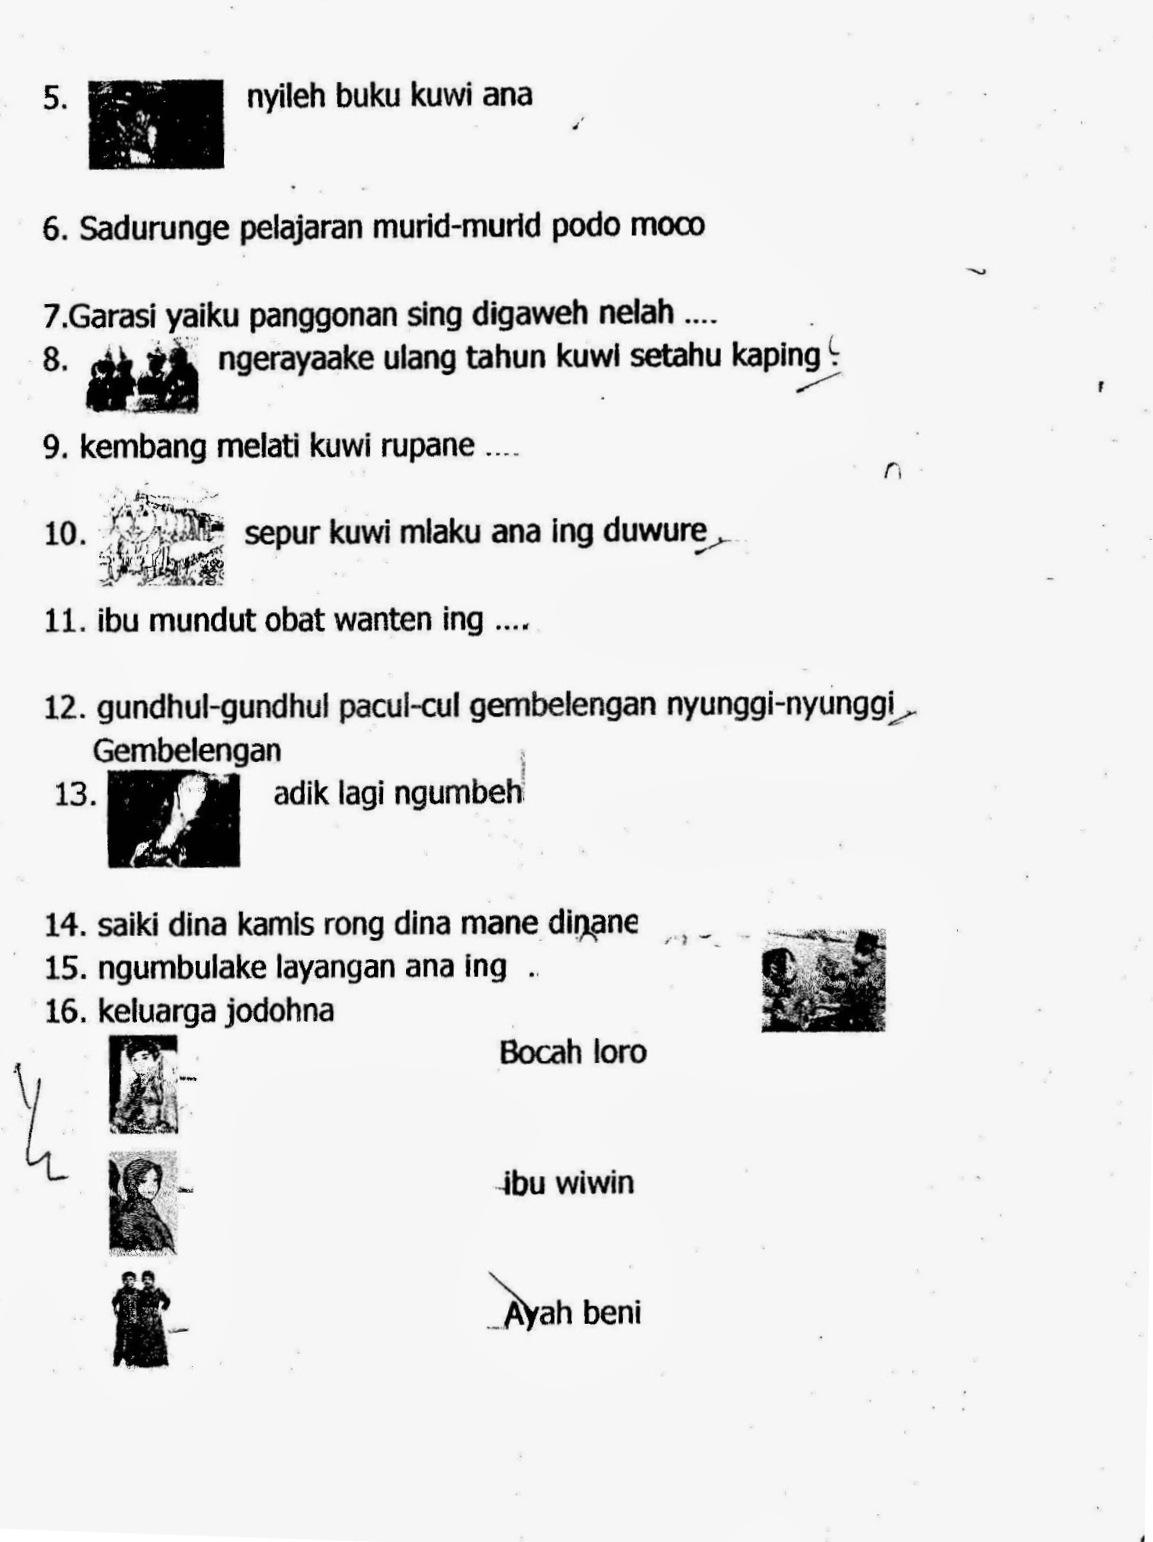 Berikut Contoh Soal Bahasa Jawa Kelas 11 Semester 2 Kurikulum 2019 Paling Update